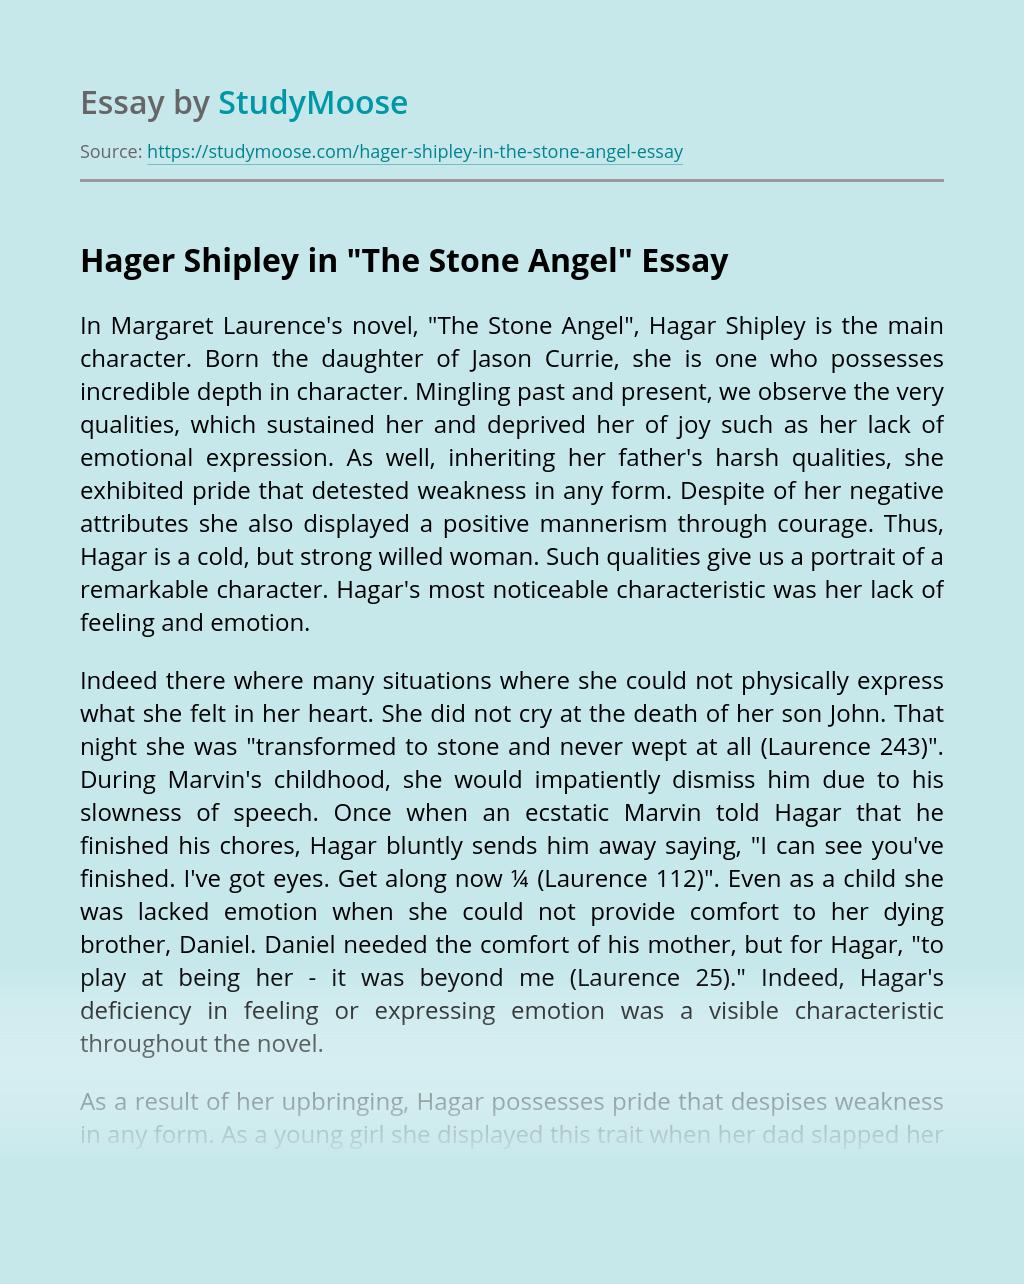 Hager Shipley in